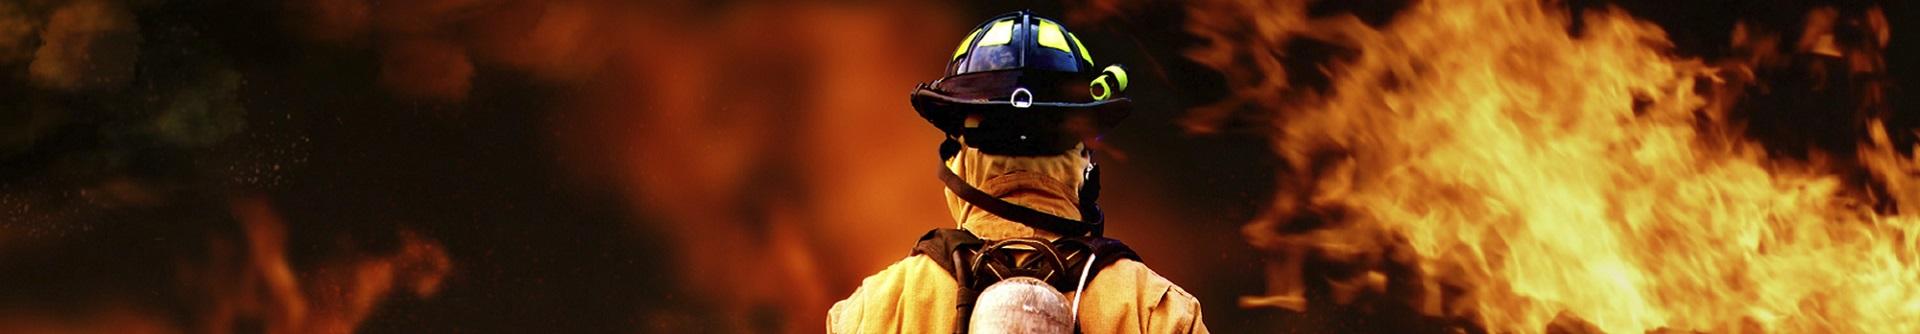 Вступили в силу изменения в Правила противопожарного режима в России